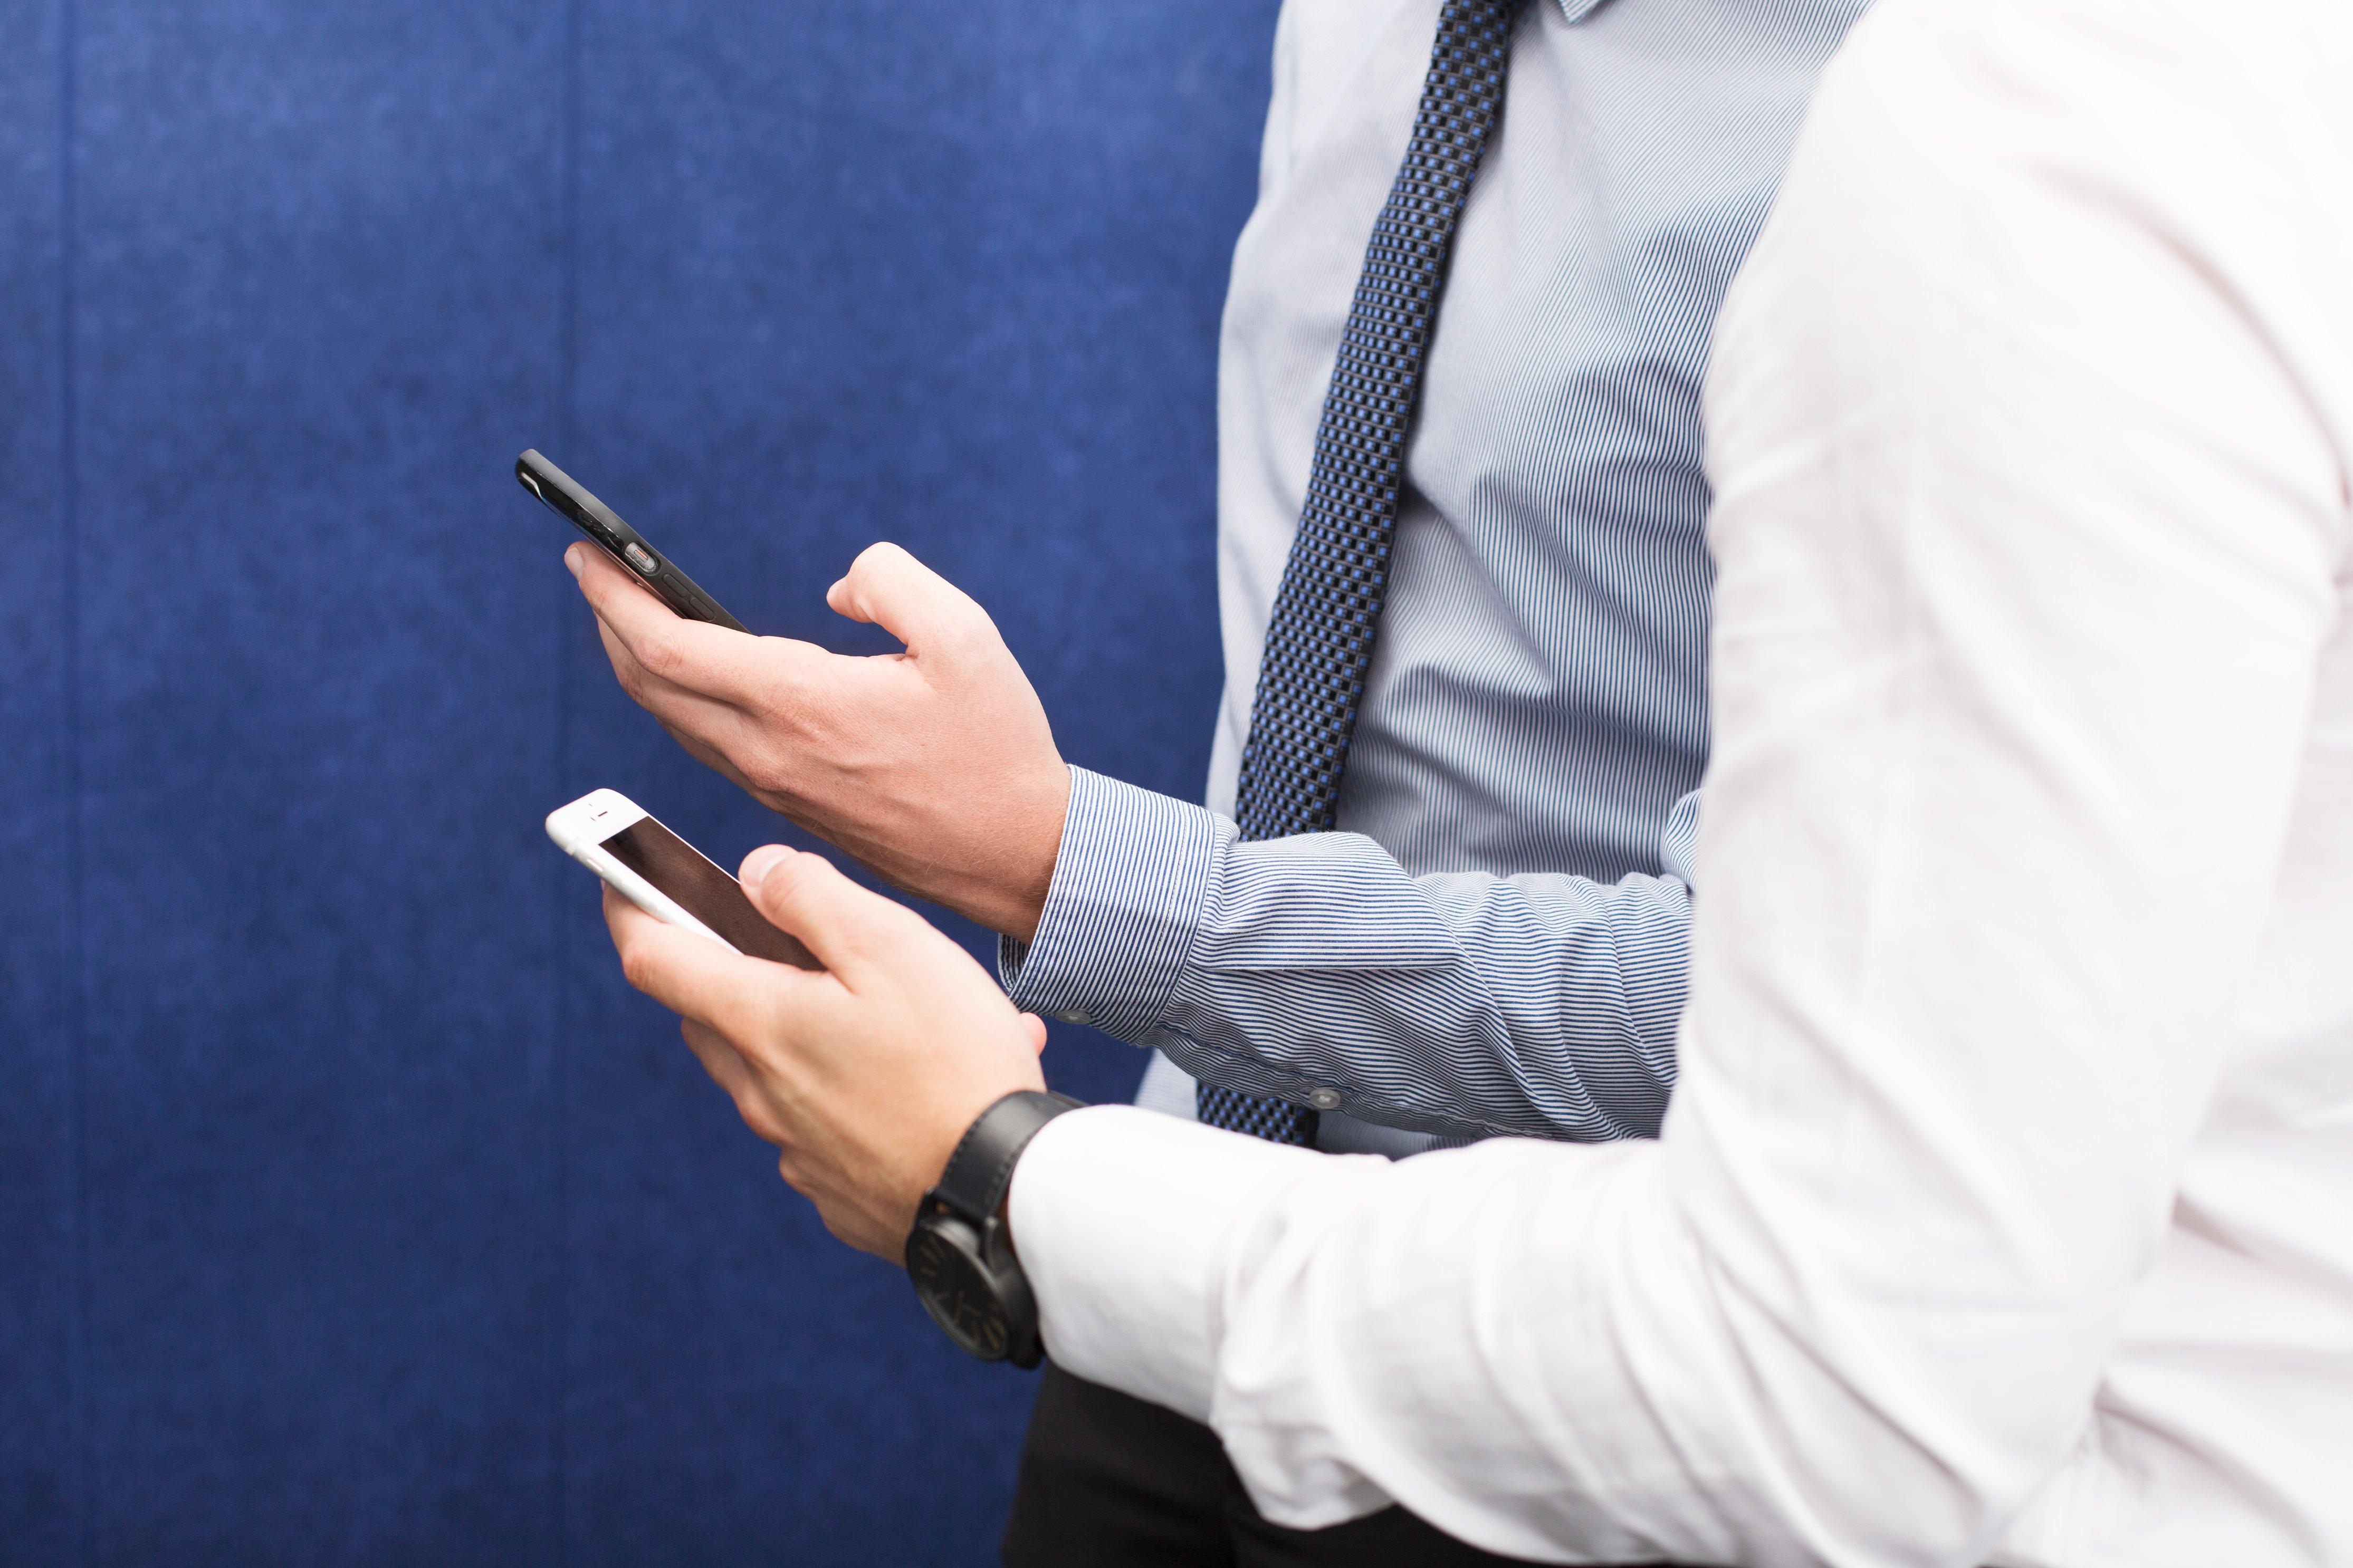 Vous utilisez les réseaux sociaux pendant votre temps de travail ?